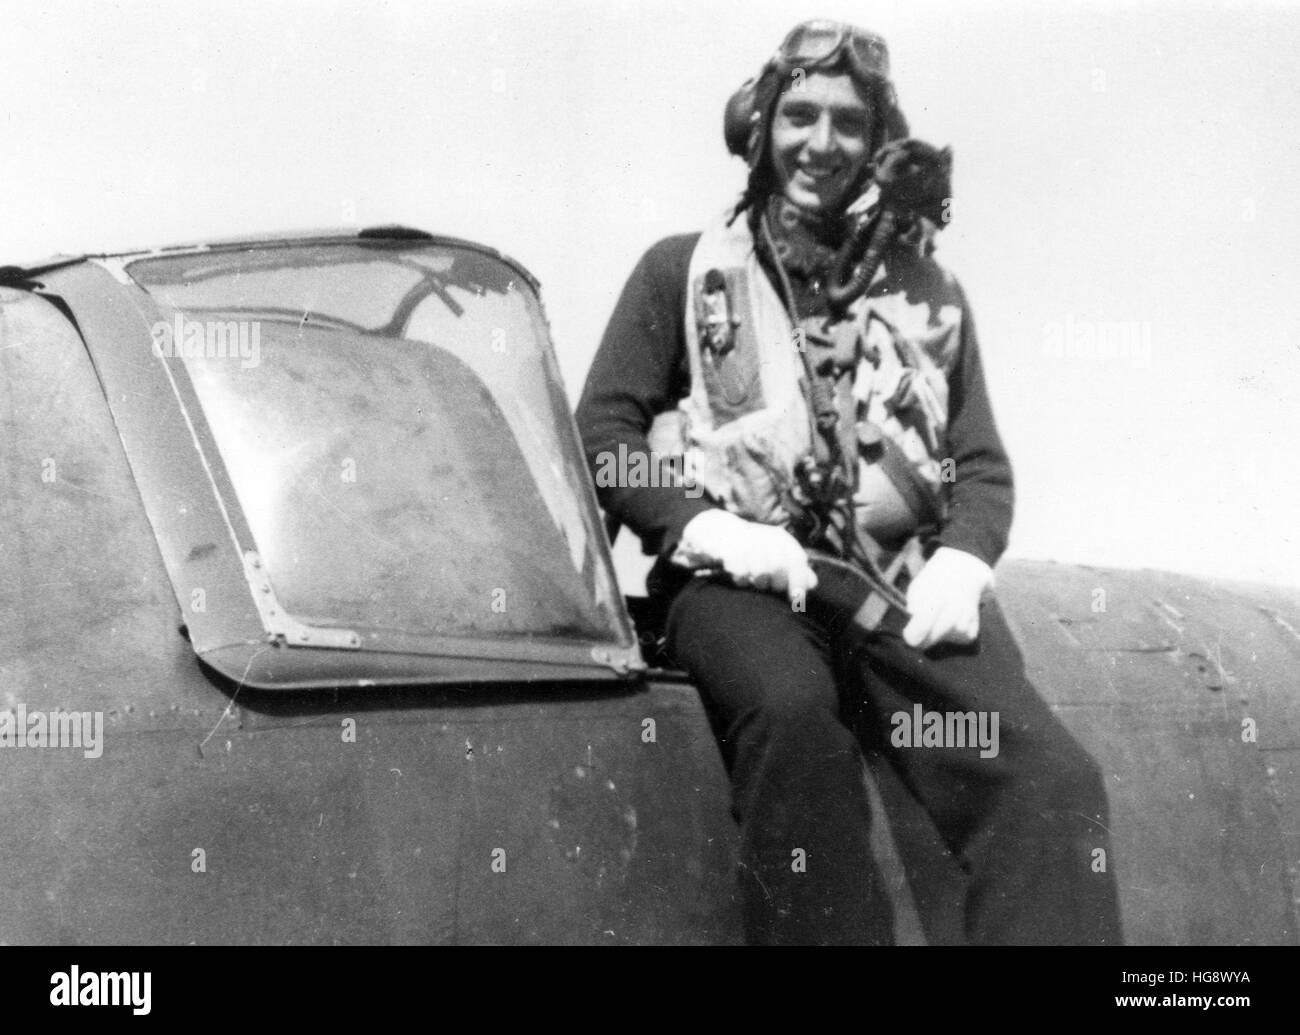 Royal Navy. Fleet Air Arm aviator pilot. WW2 - Stock Image